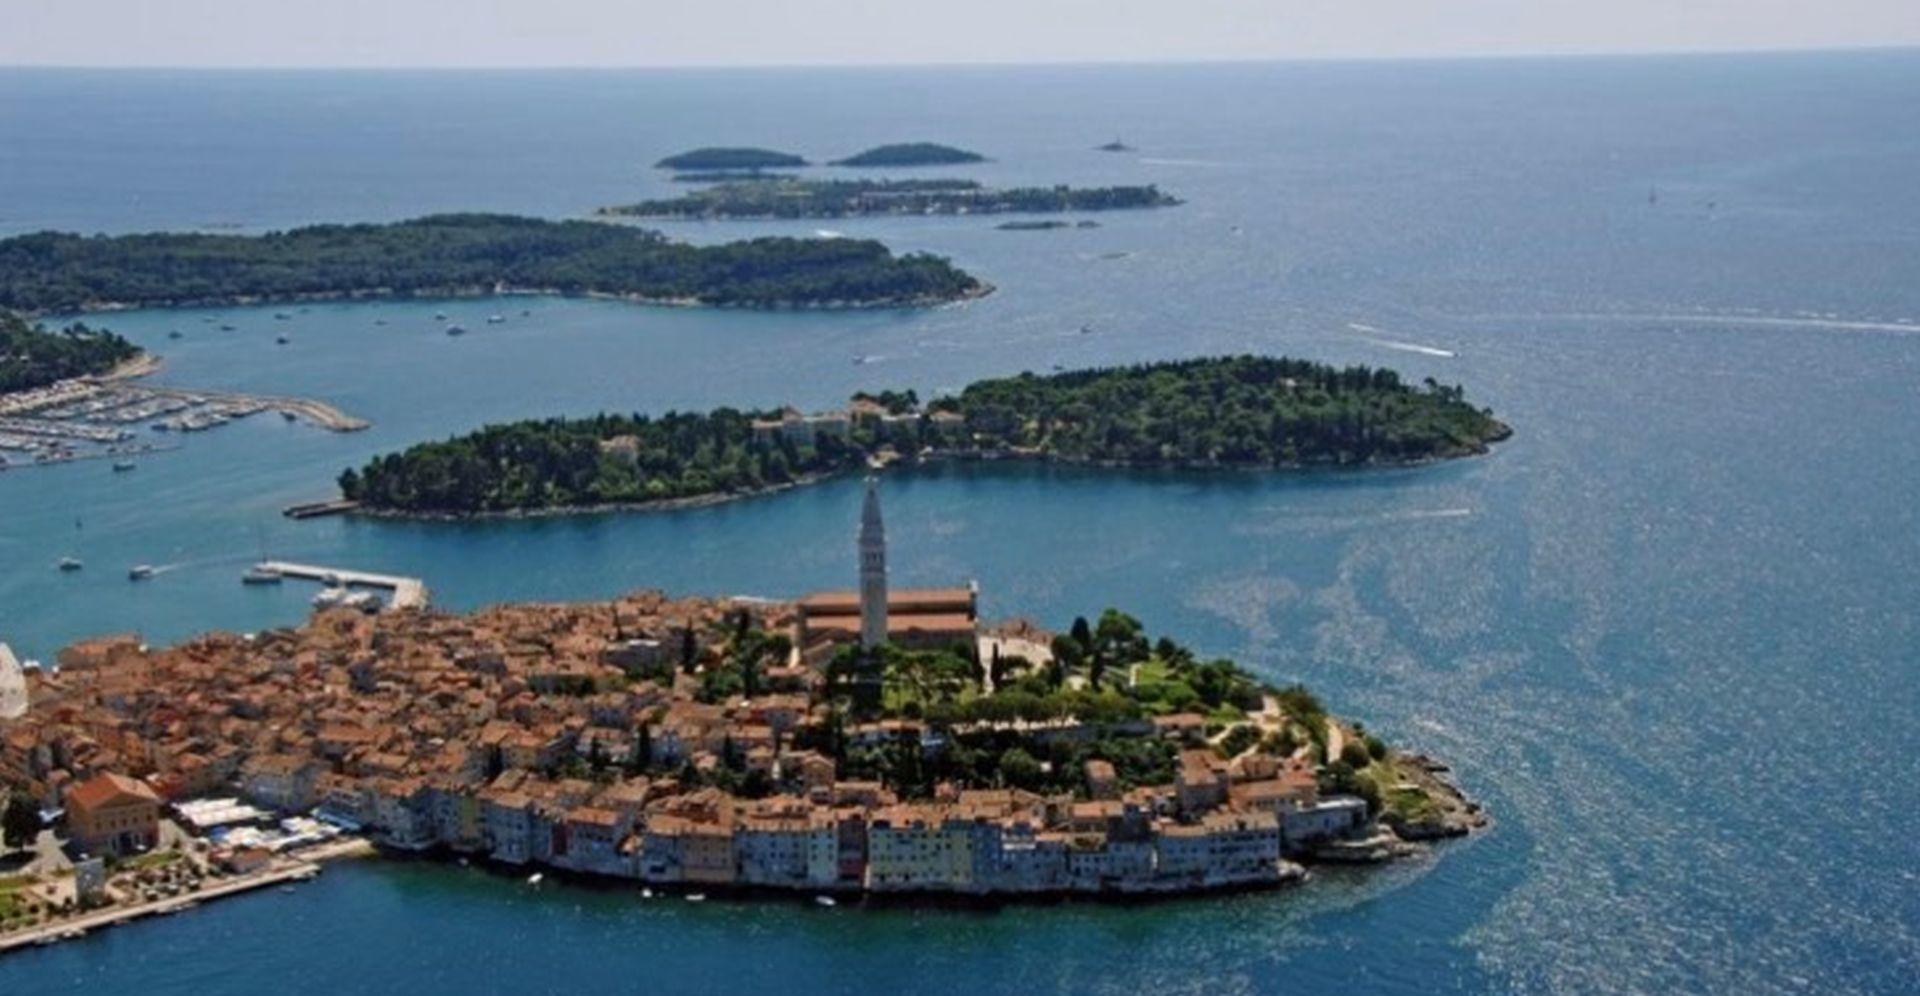 Jedino se u Istru više ljudi doselilo nego što ih se odselilo